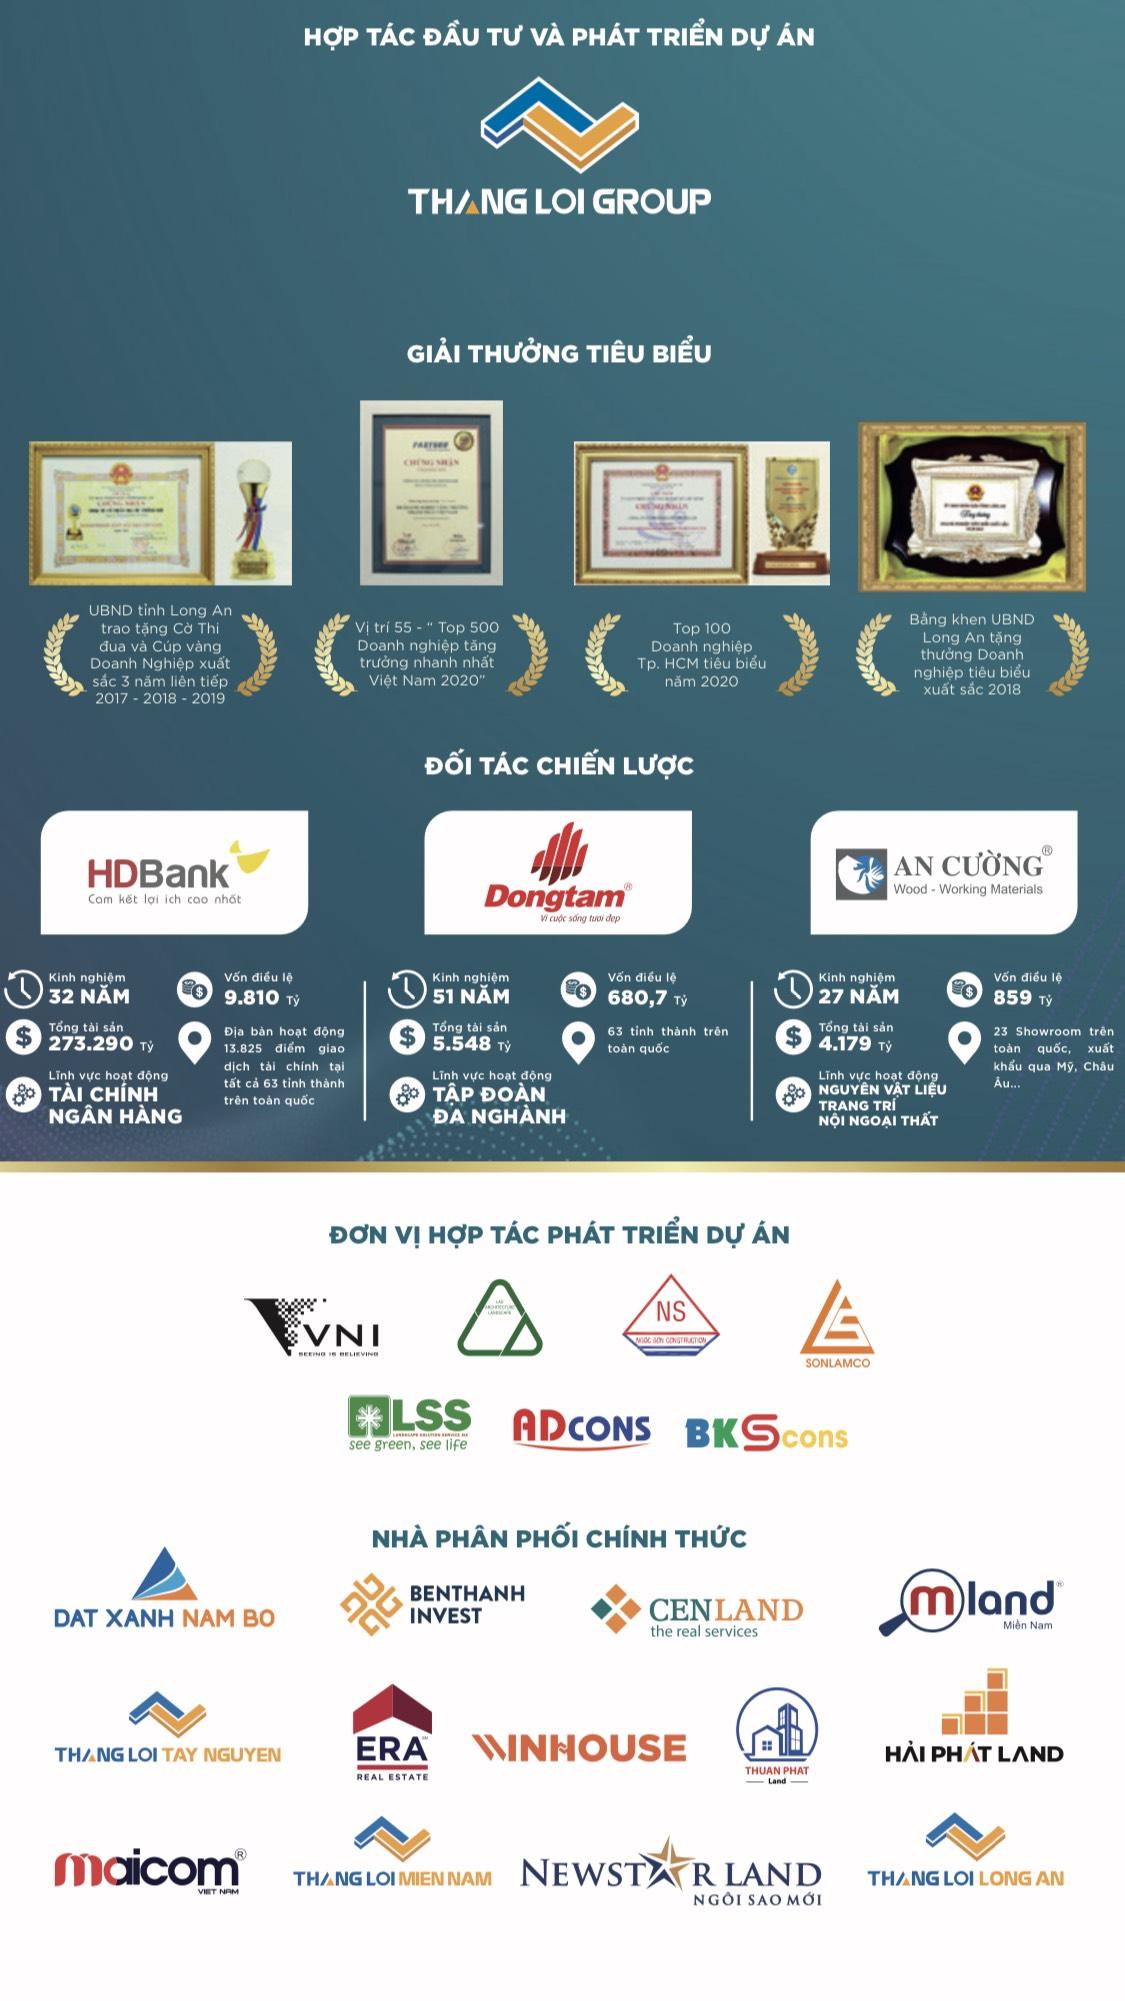 Giải thưởng và các đôi tác chiến lược dự án TheSolCity Thắng Lợi